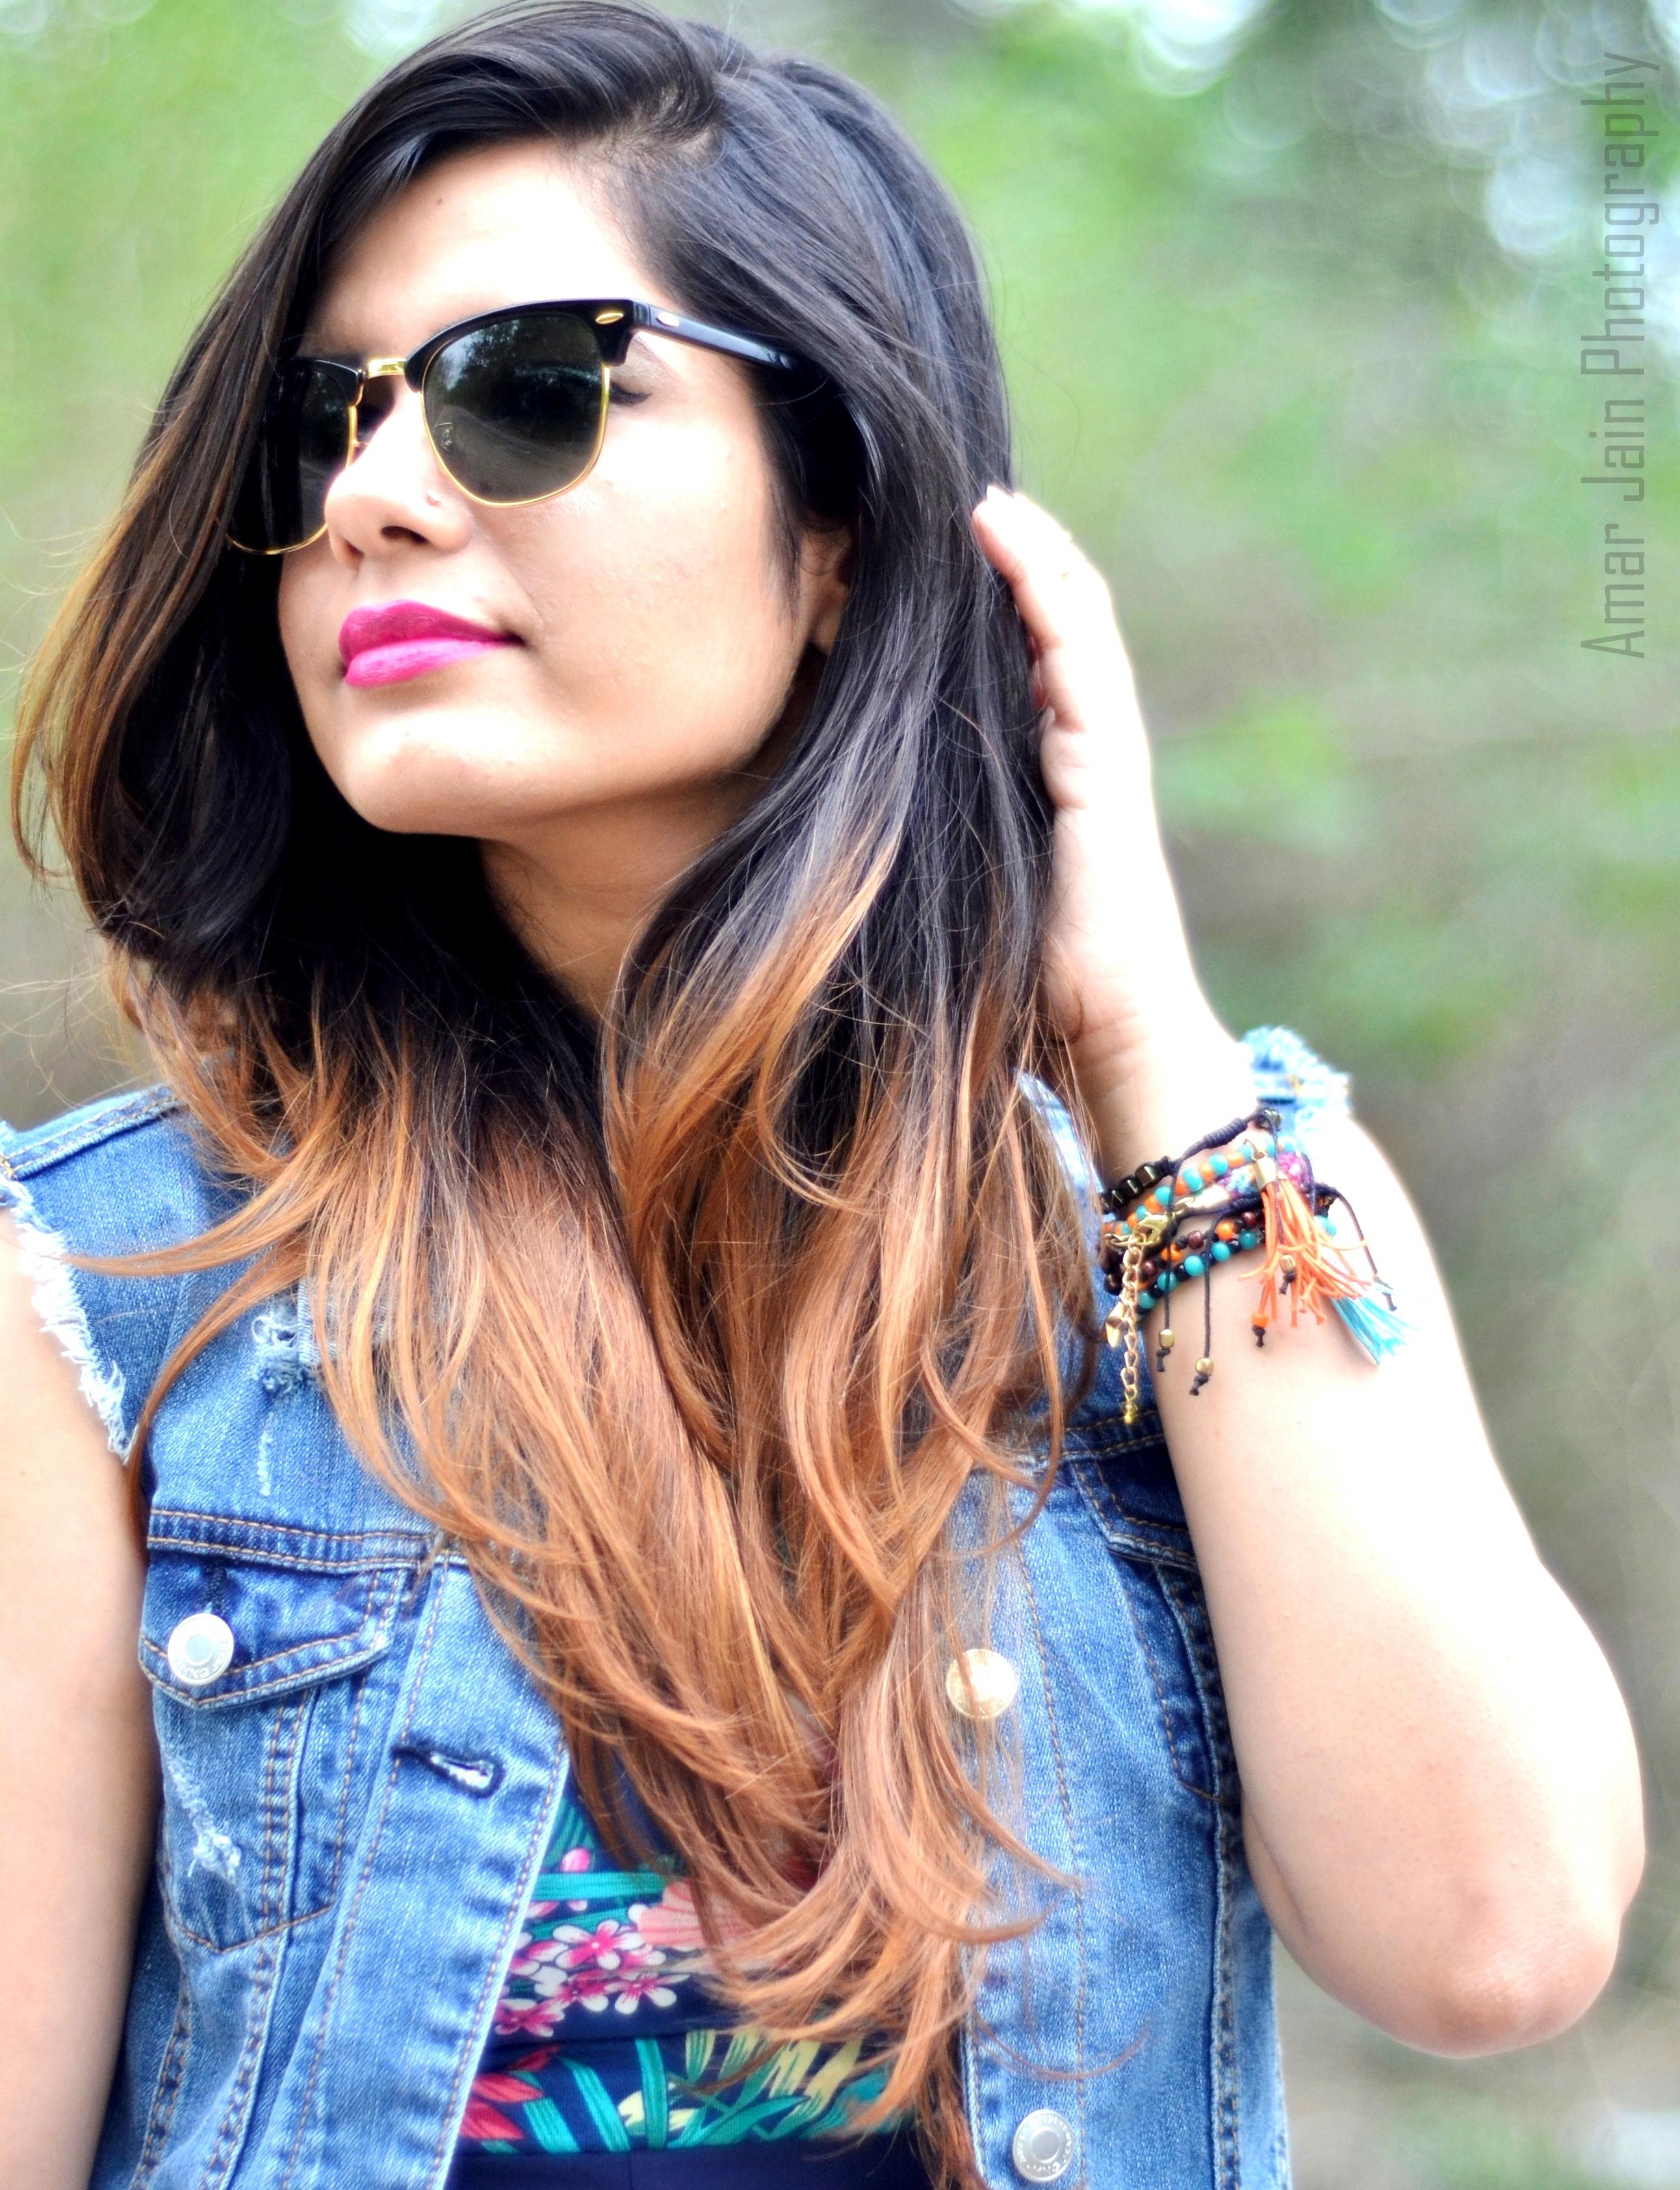 Astonishing Ombre Hair That Delhi Girl Short Hairstyles Gunalazisus